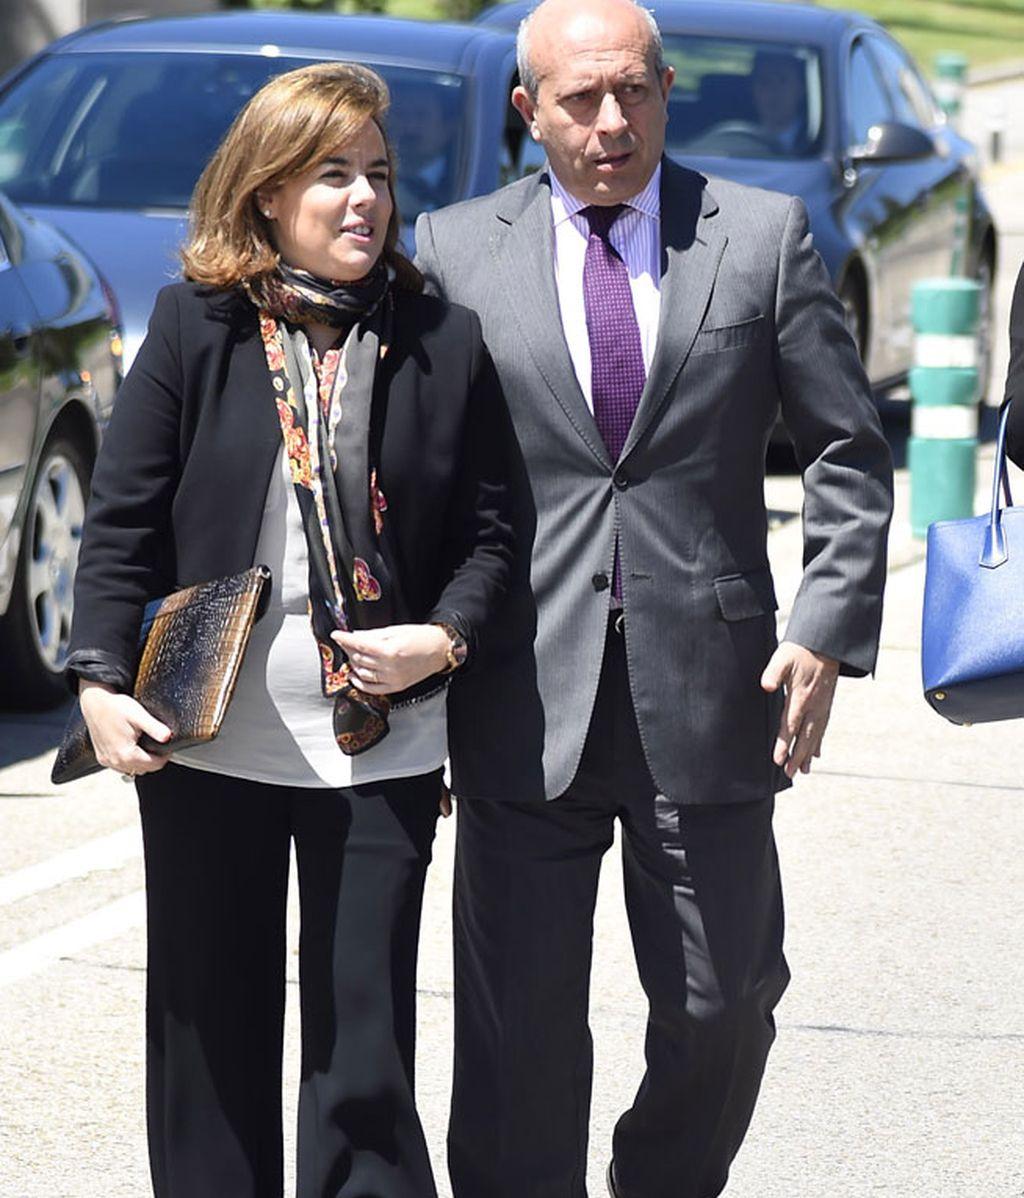 Los políticos Soraya Saenz de Santamaría y Jose Ignacio Wert